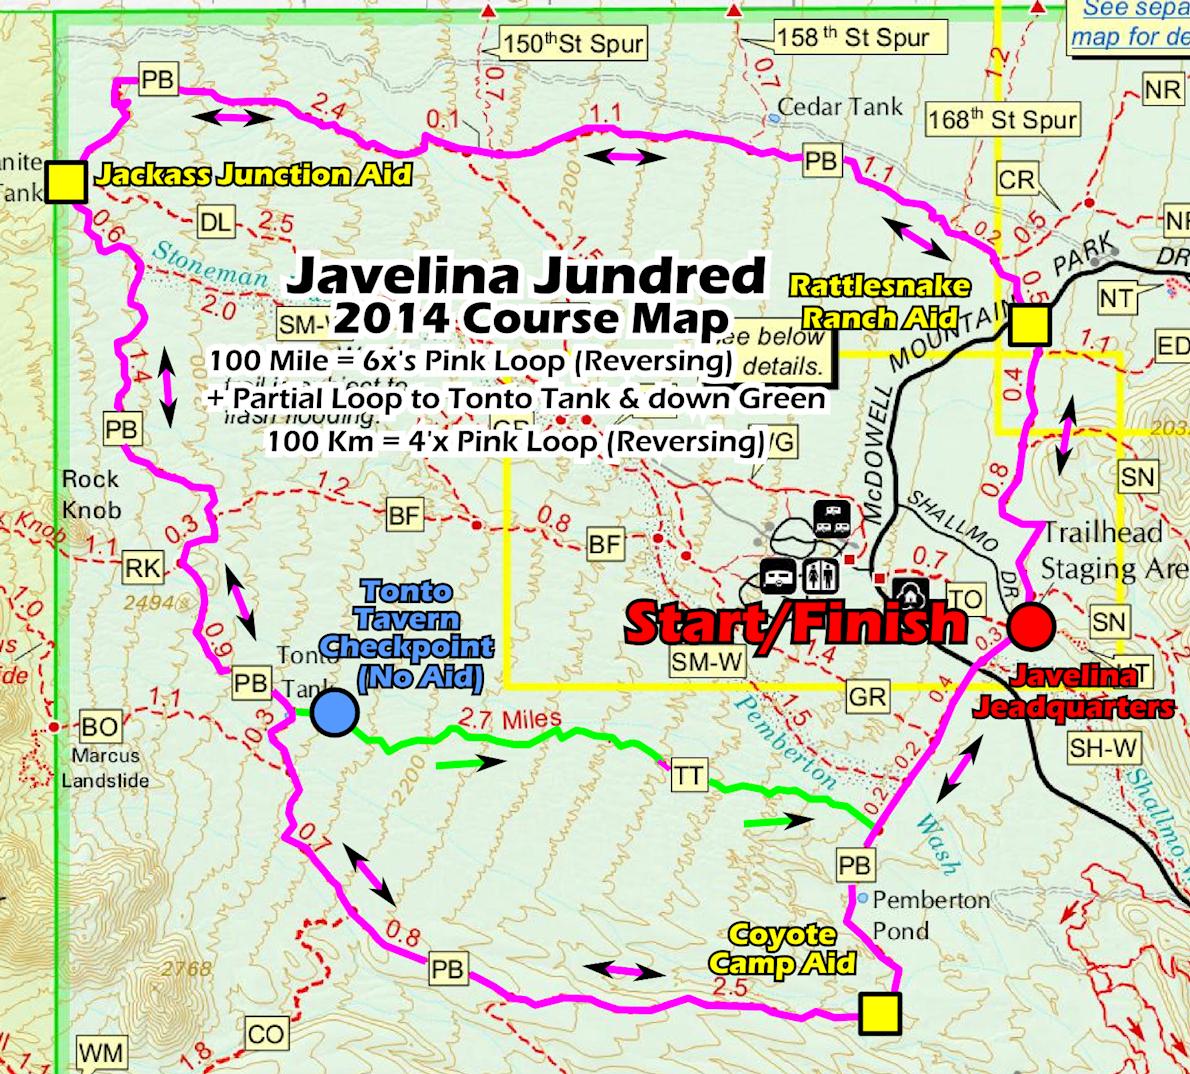 Javelina Jundred 100 Mile Endurance Run Routenkarte